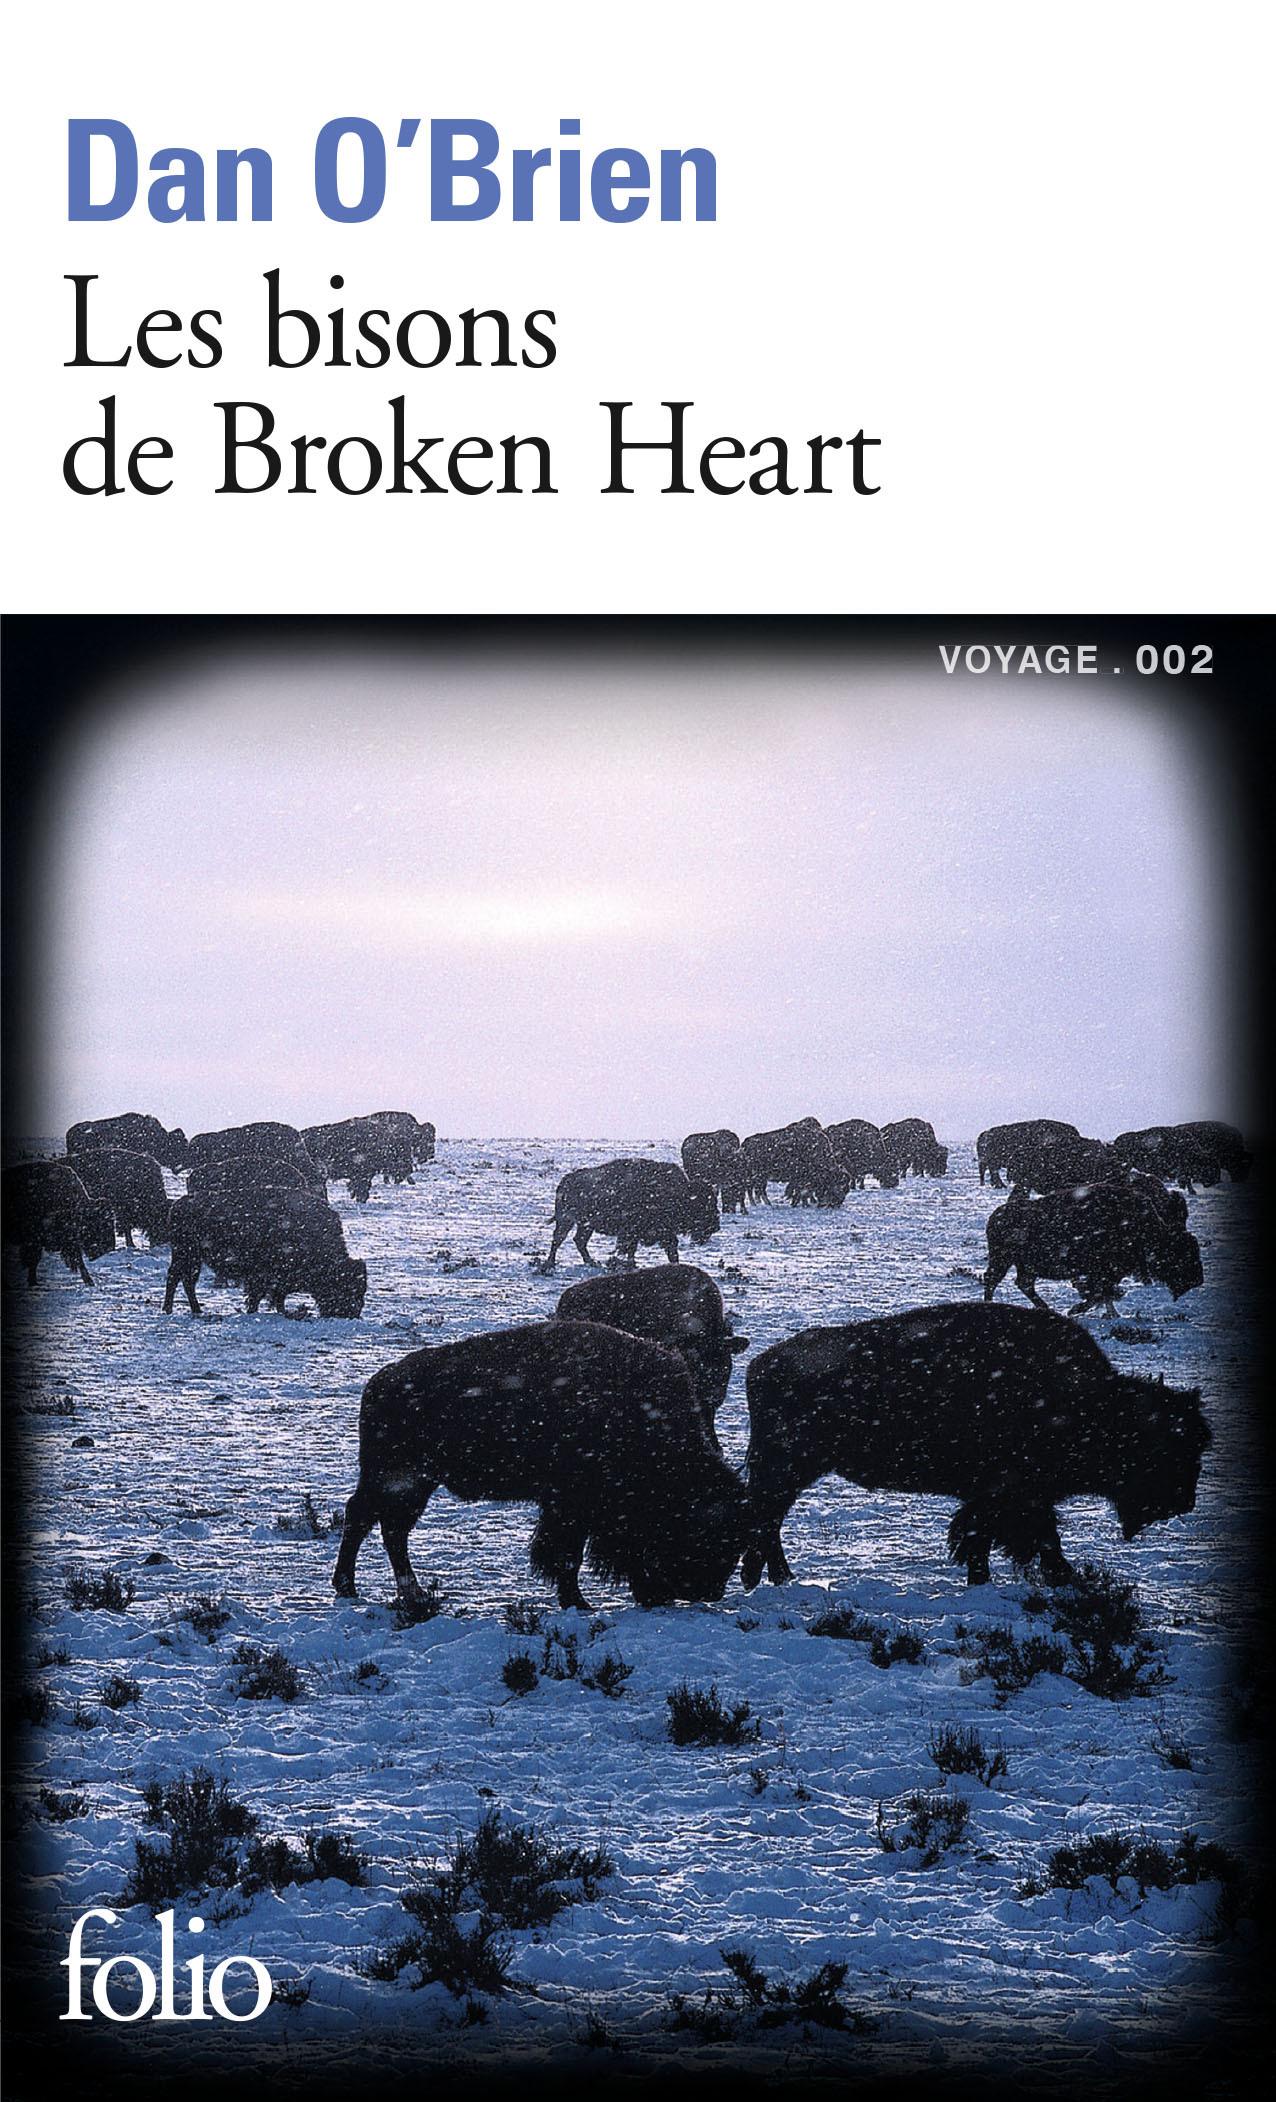 VOYAGE - T4903 - LES BISONS DE BROKEN HEART